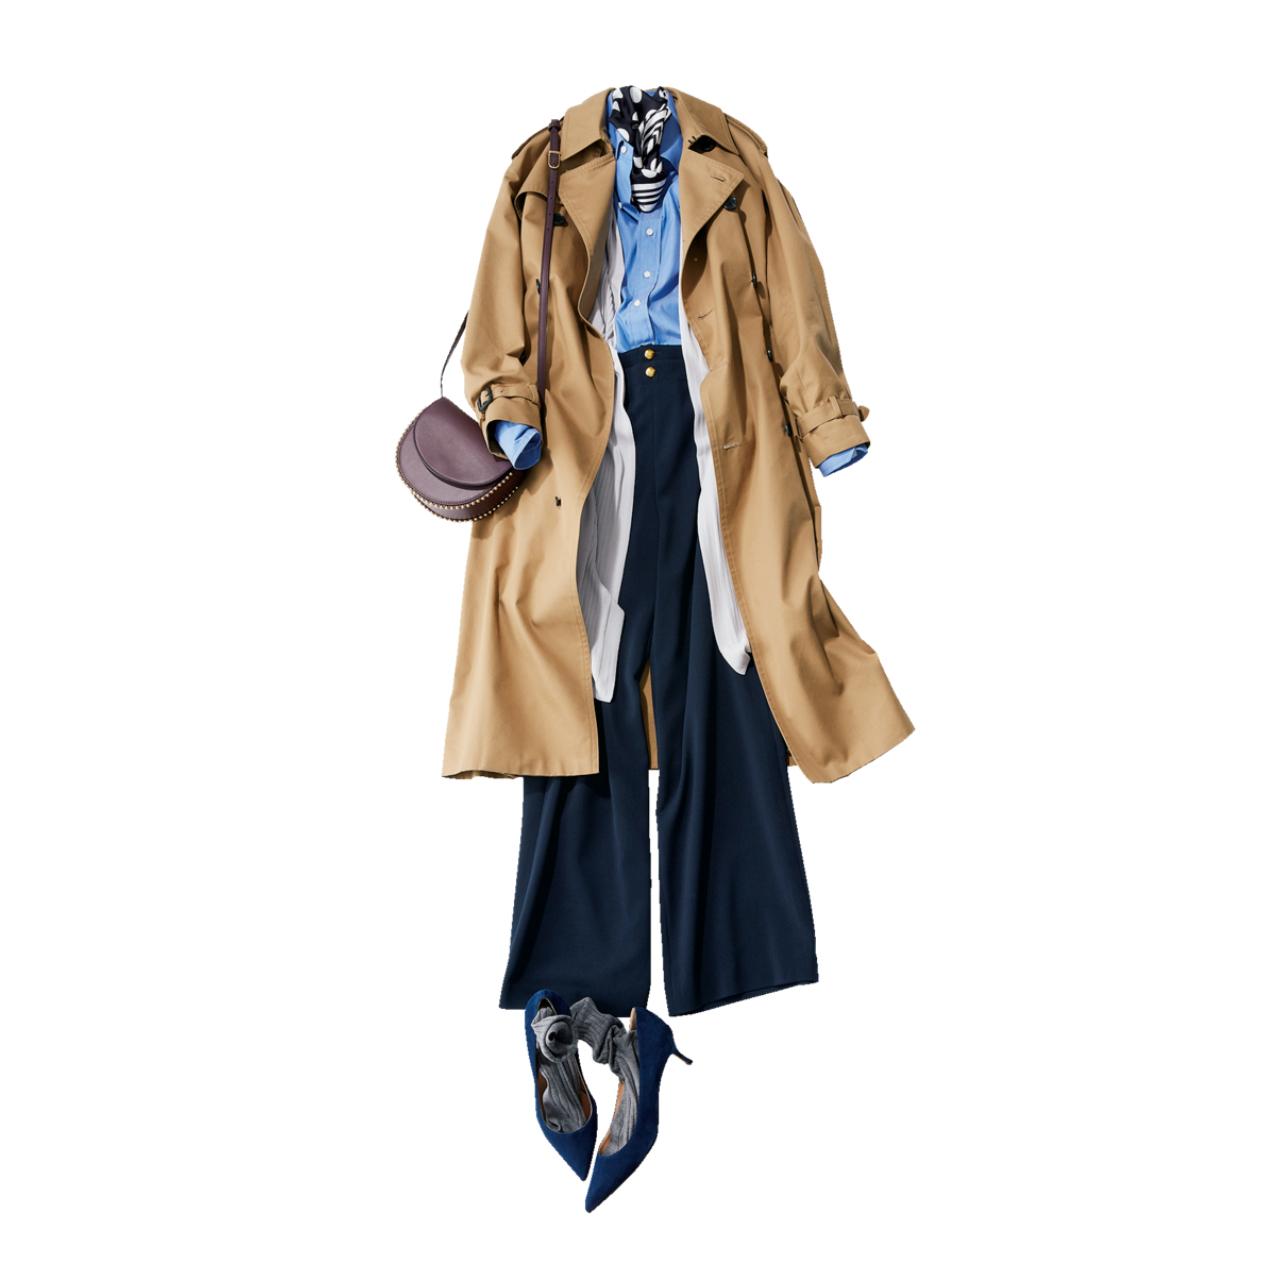 ベージュのトレンチコート×ブルーシャツ&ネイビーパンツのファッションコーデ